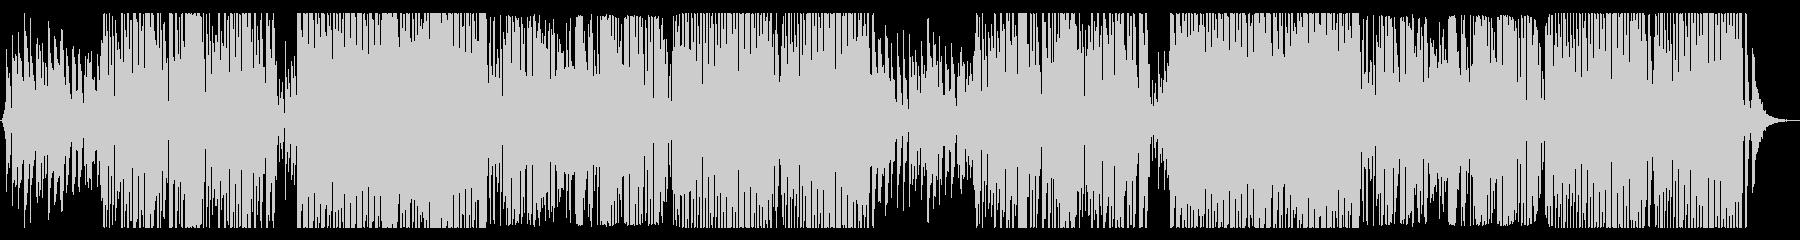 怪しいミディアムテンポのハロウィンBGMの未再生の波形